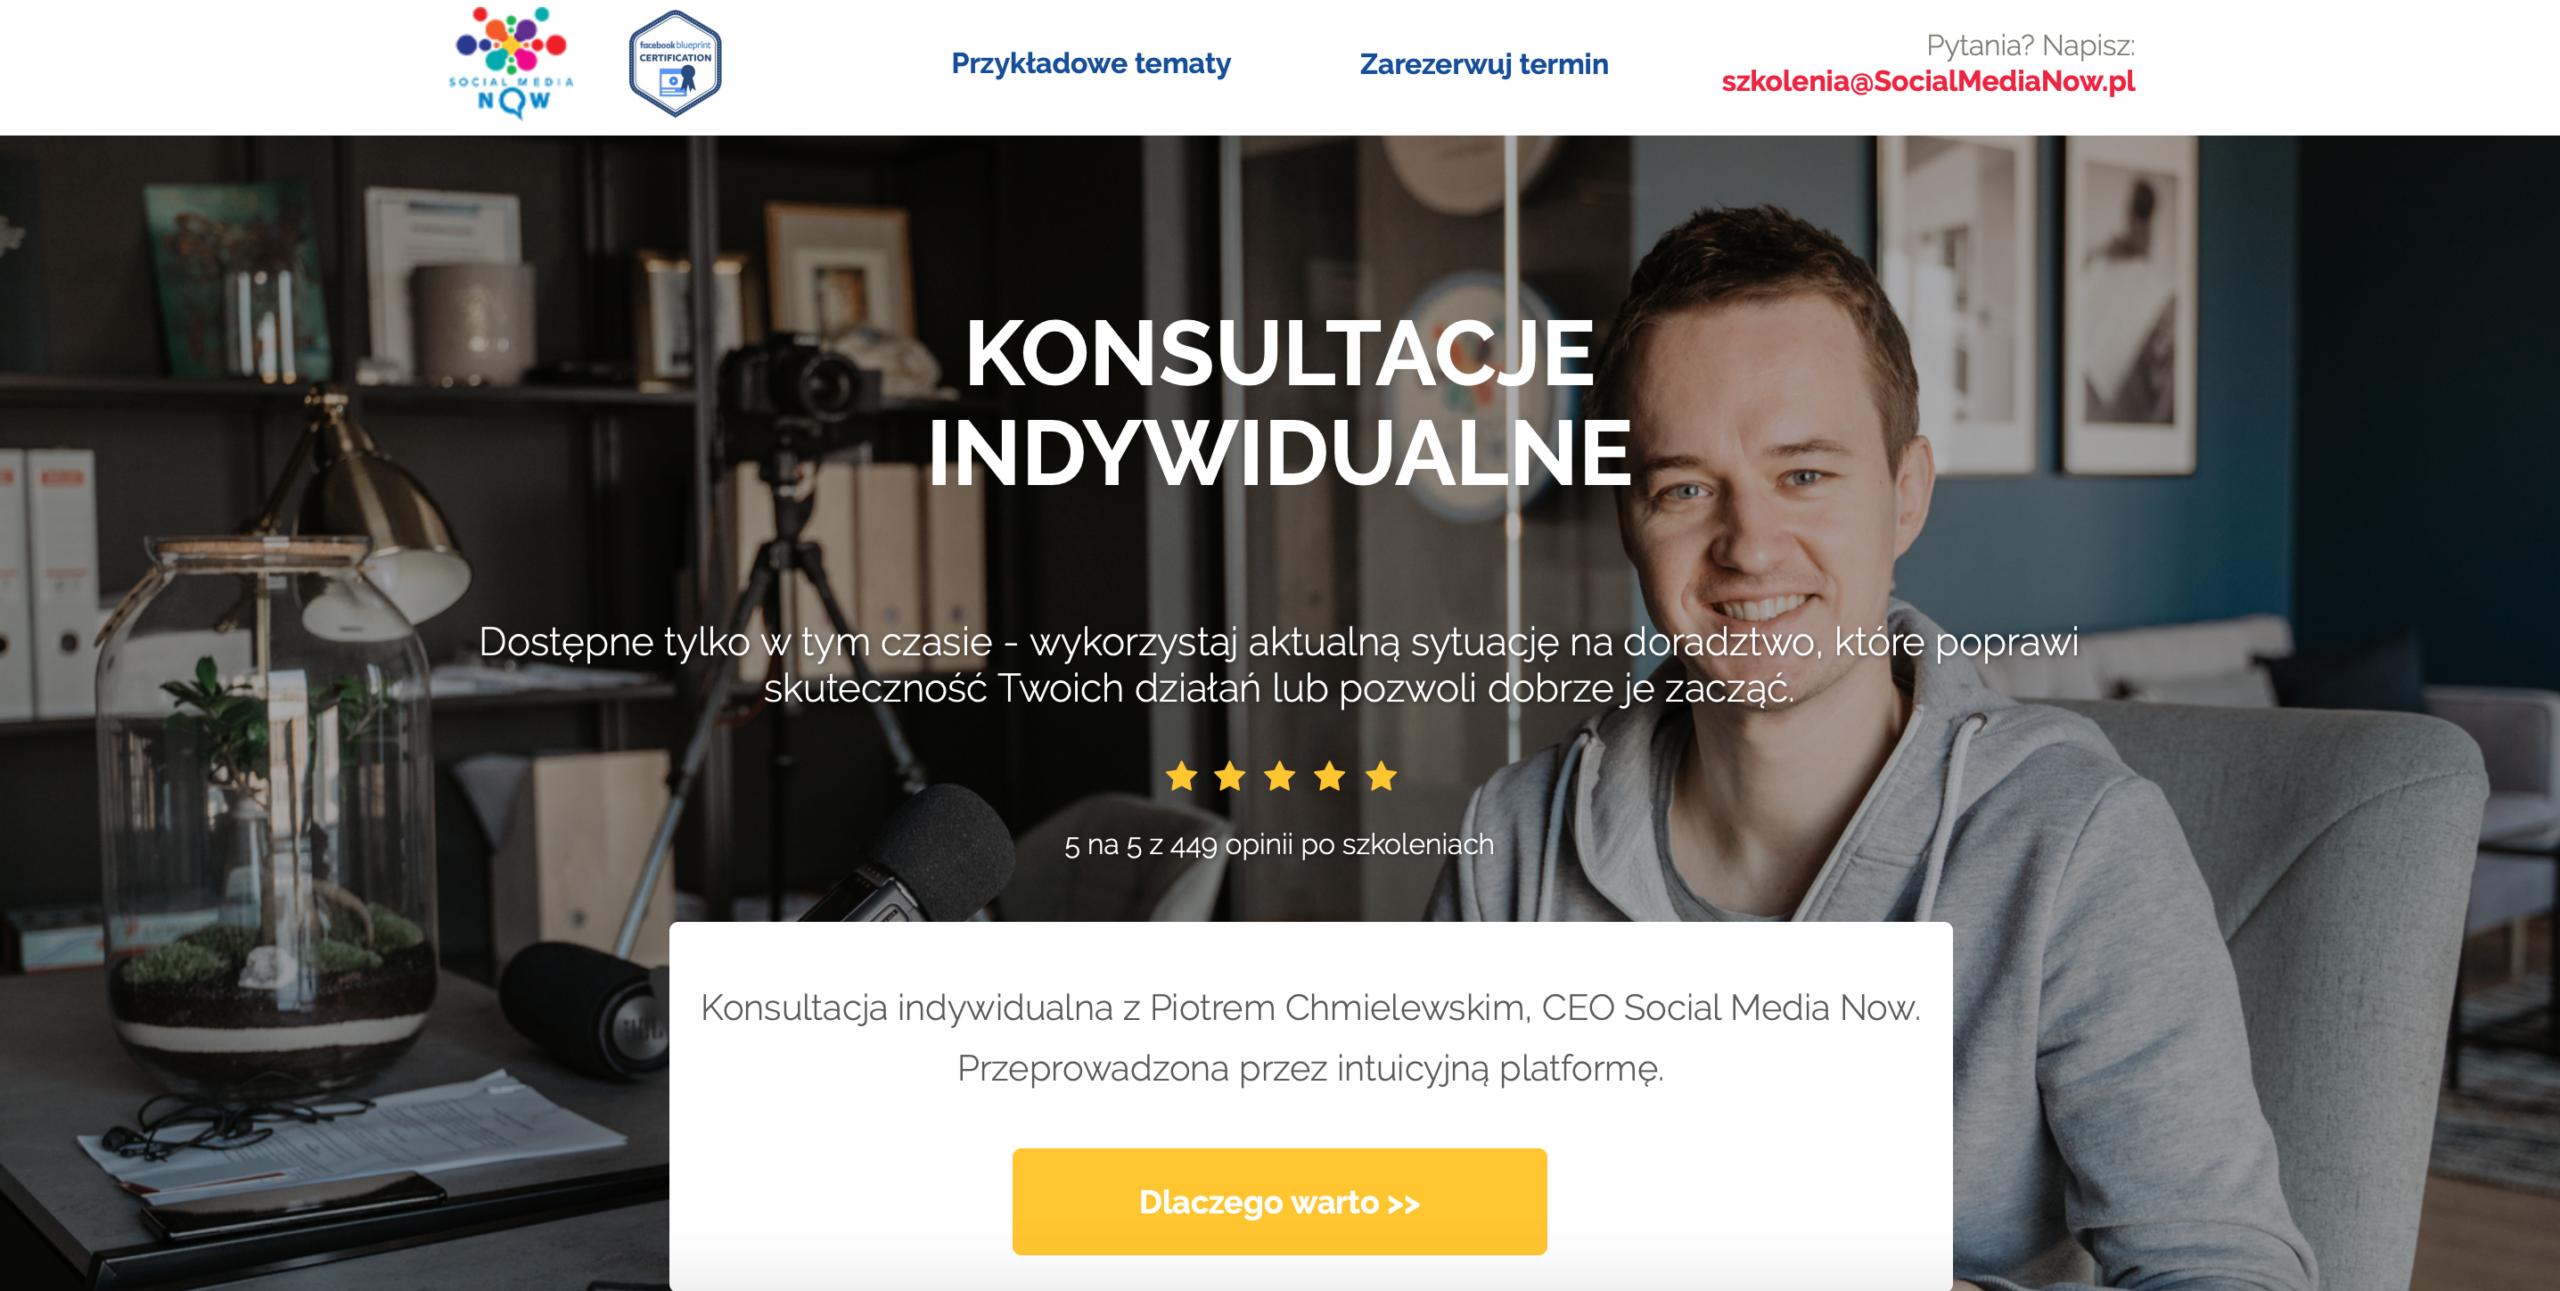 Konsultacje indywidualne z Piotrem Chmielewskim